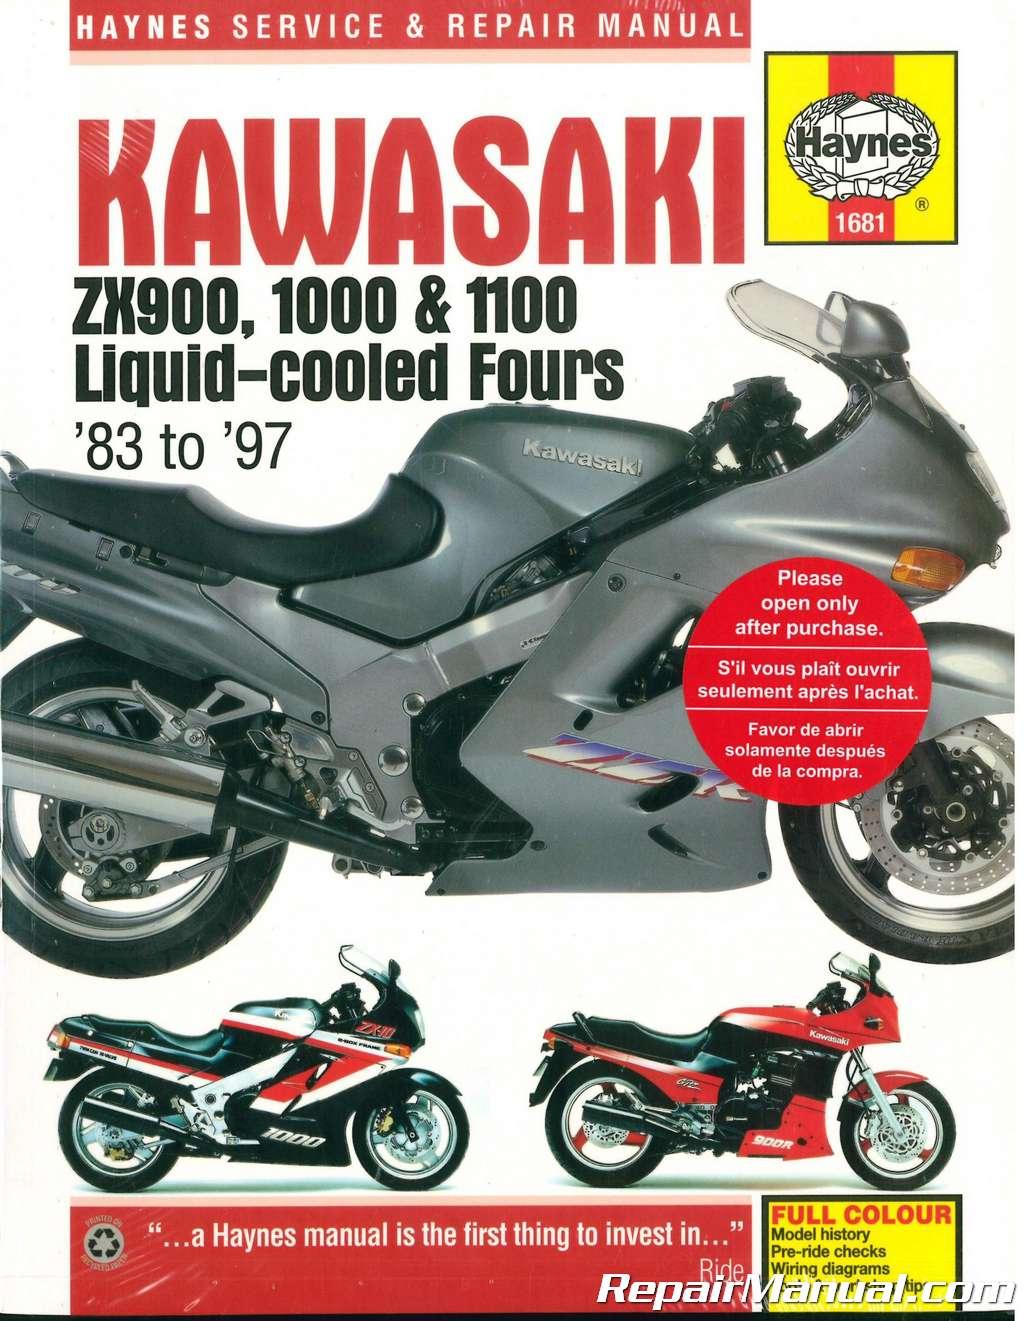 haynes kawasaki zx900 zx1000 zx1100 ninja 1983 1997 repair manual rh  repairmanual com 1985 Kawasaki Ninja ZX9 1986 Kawasaki ZX1000 Ninja